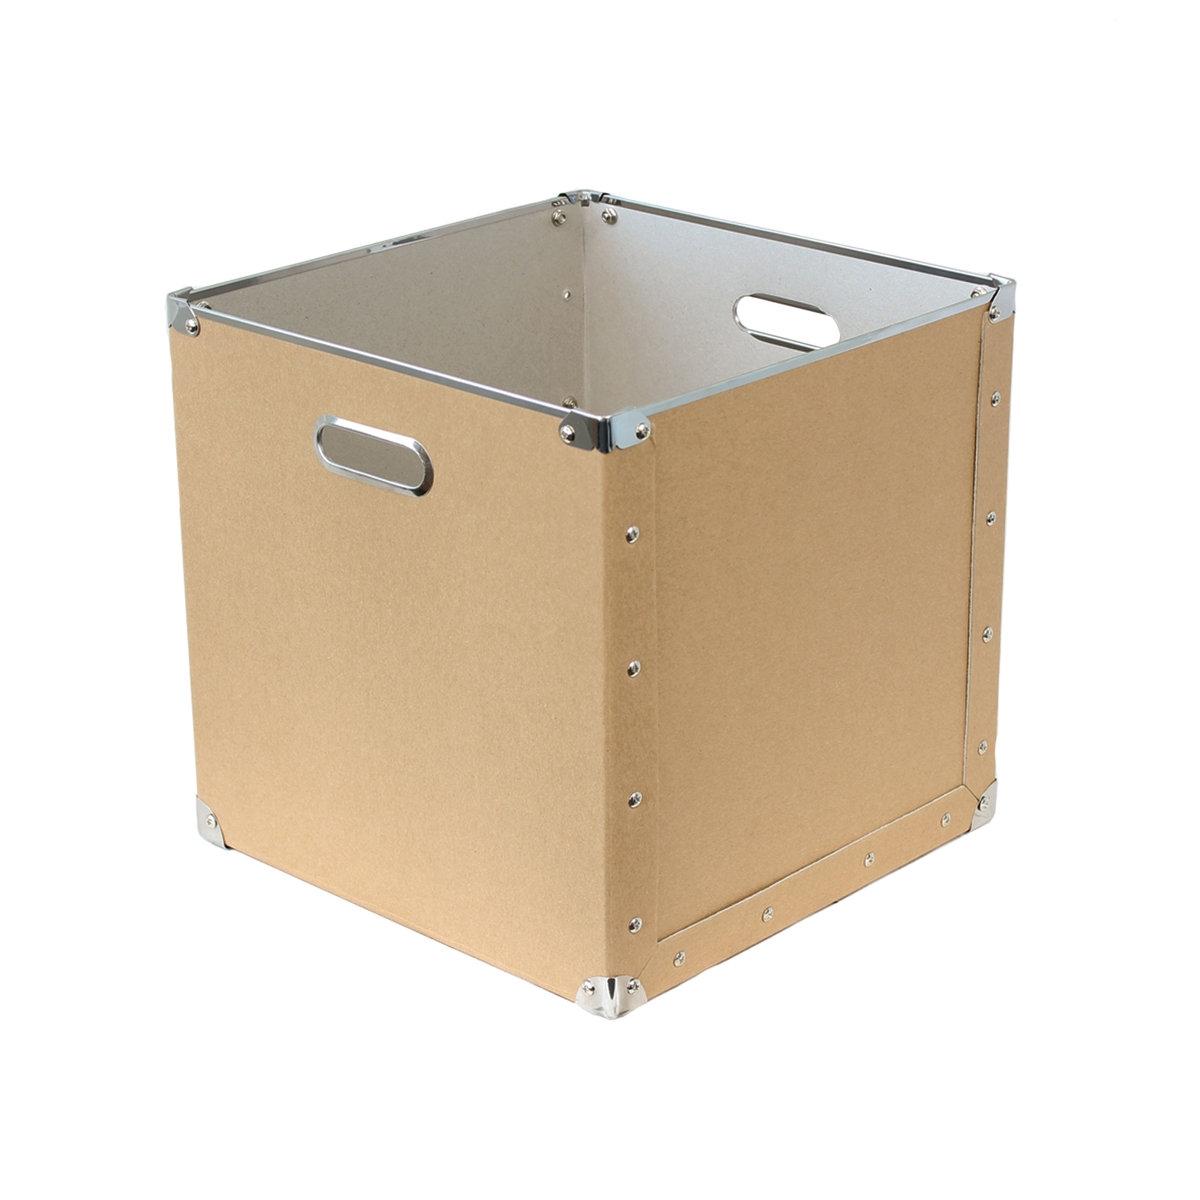 Короб для хранения вещей CleverПрактичный, вы можете положить в него 1001 вещь ! Этот короб для хранения вещей снабжен 2 металлическими ручками для облегчения переноски . Заклепки и металлические уголки… в индустриальном стиле, On adore  ! Характеристики короба для вещей CleverОбтянутый картон, толщ.. 1,8 мм 2 металлические ручки Уголки и заклепки из металла  Складная конструкция.Найдите коллекцию для хранения вещей на нашем сайте.Размеры короба для вещей Clever:31,5 x 31,5 x 31,5 см<br><br>Цвет: светлое дерево натуральный